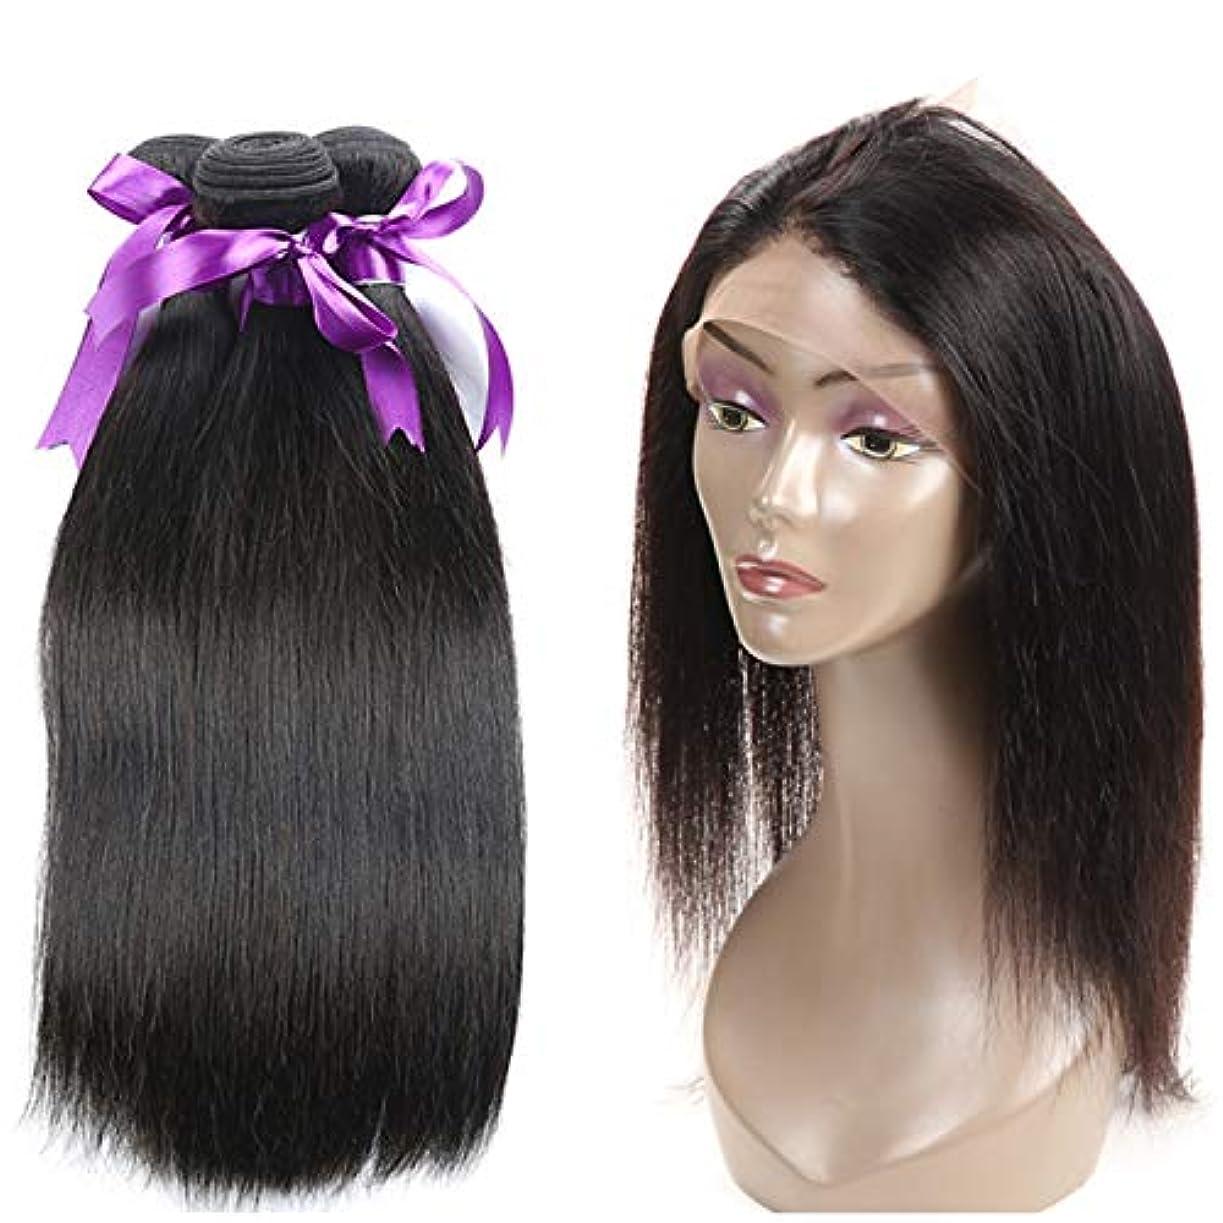 アライメント窒息させるすでにブラジルストレートヘア360レース前頭葉付き非レミー人間の髪の毛3バンドル360前頭人間の髪の毛のかつら (Length : 22 22 22 Closure20)